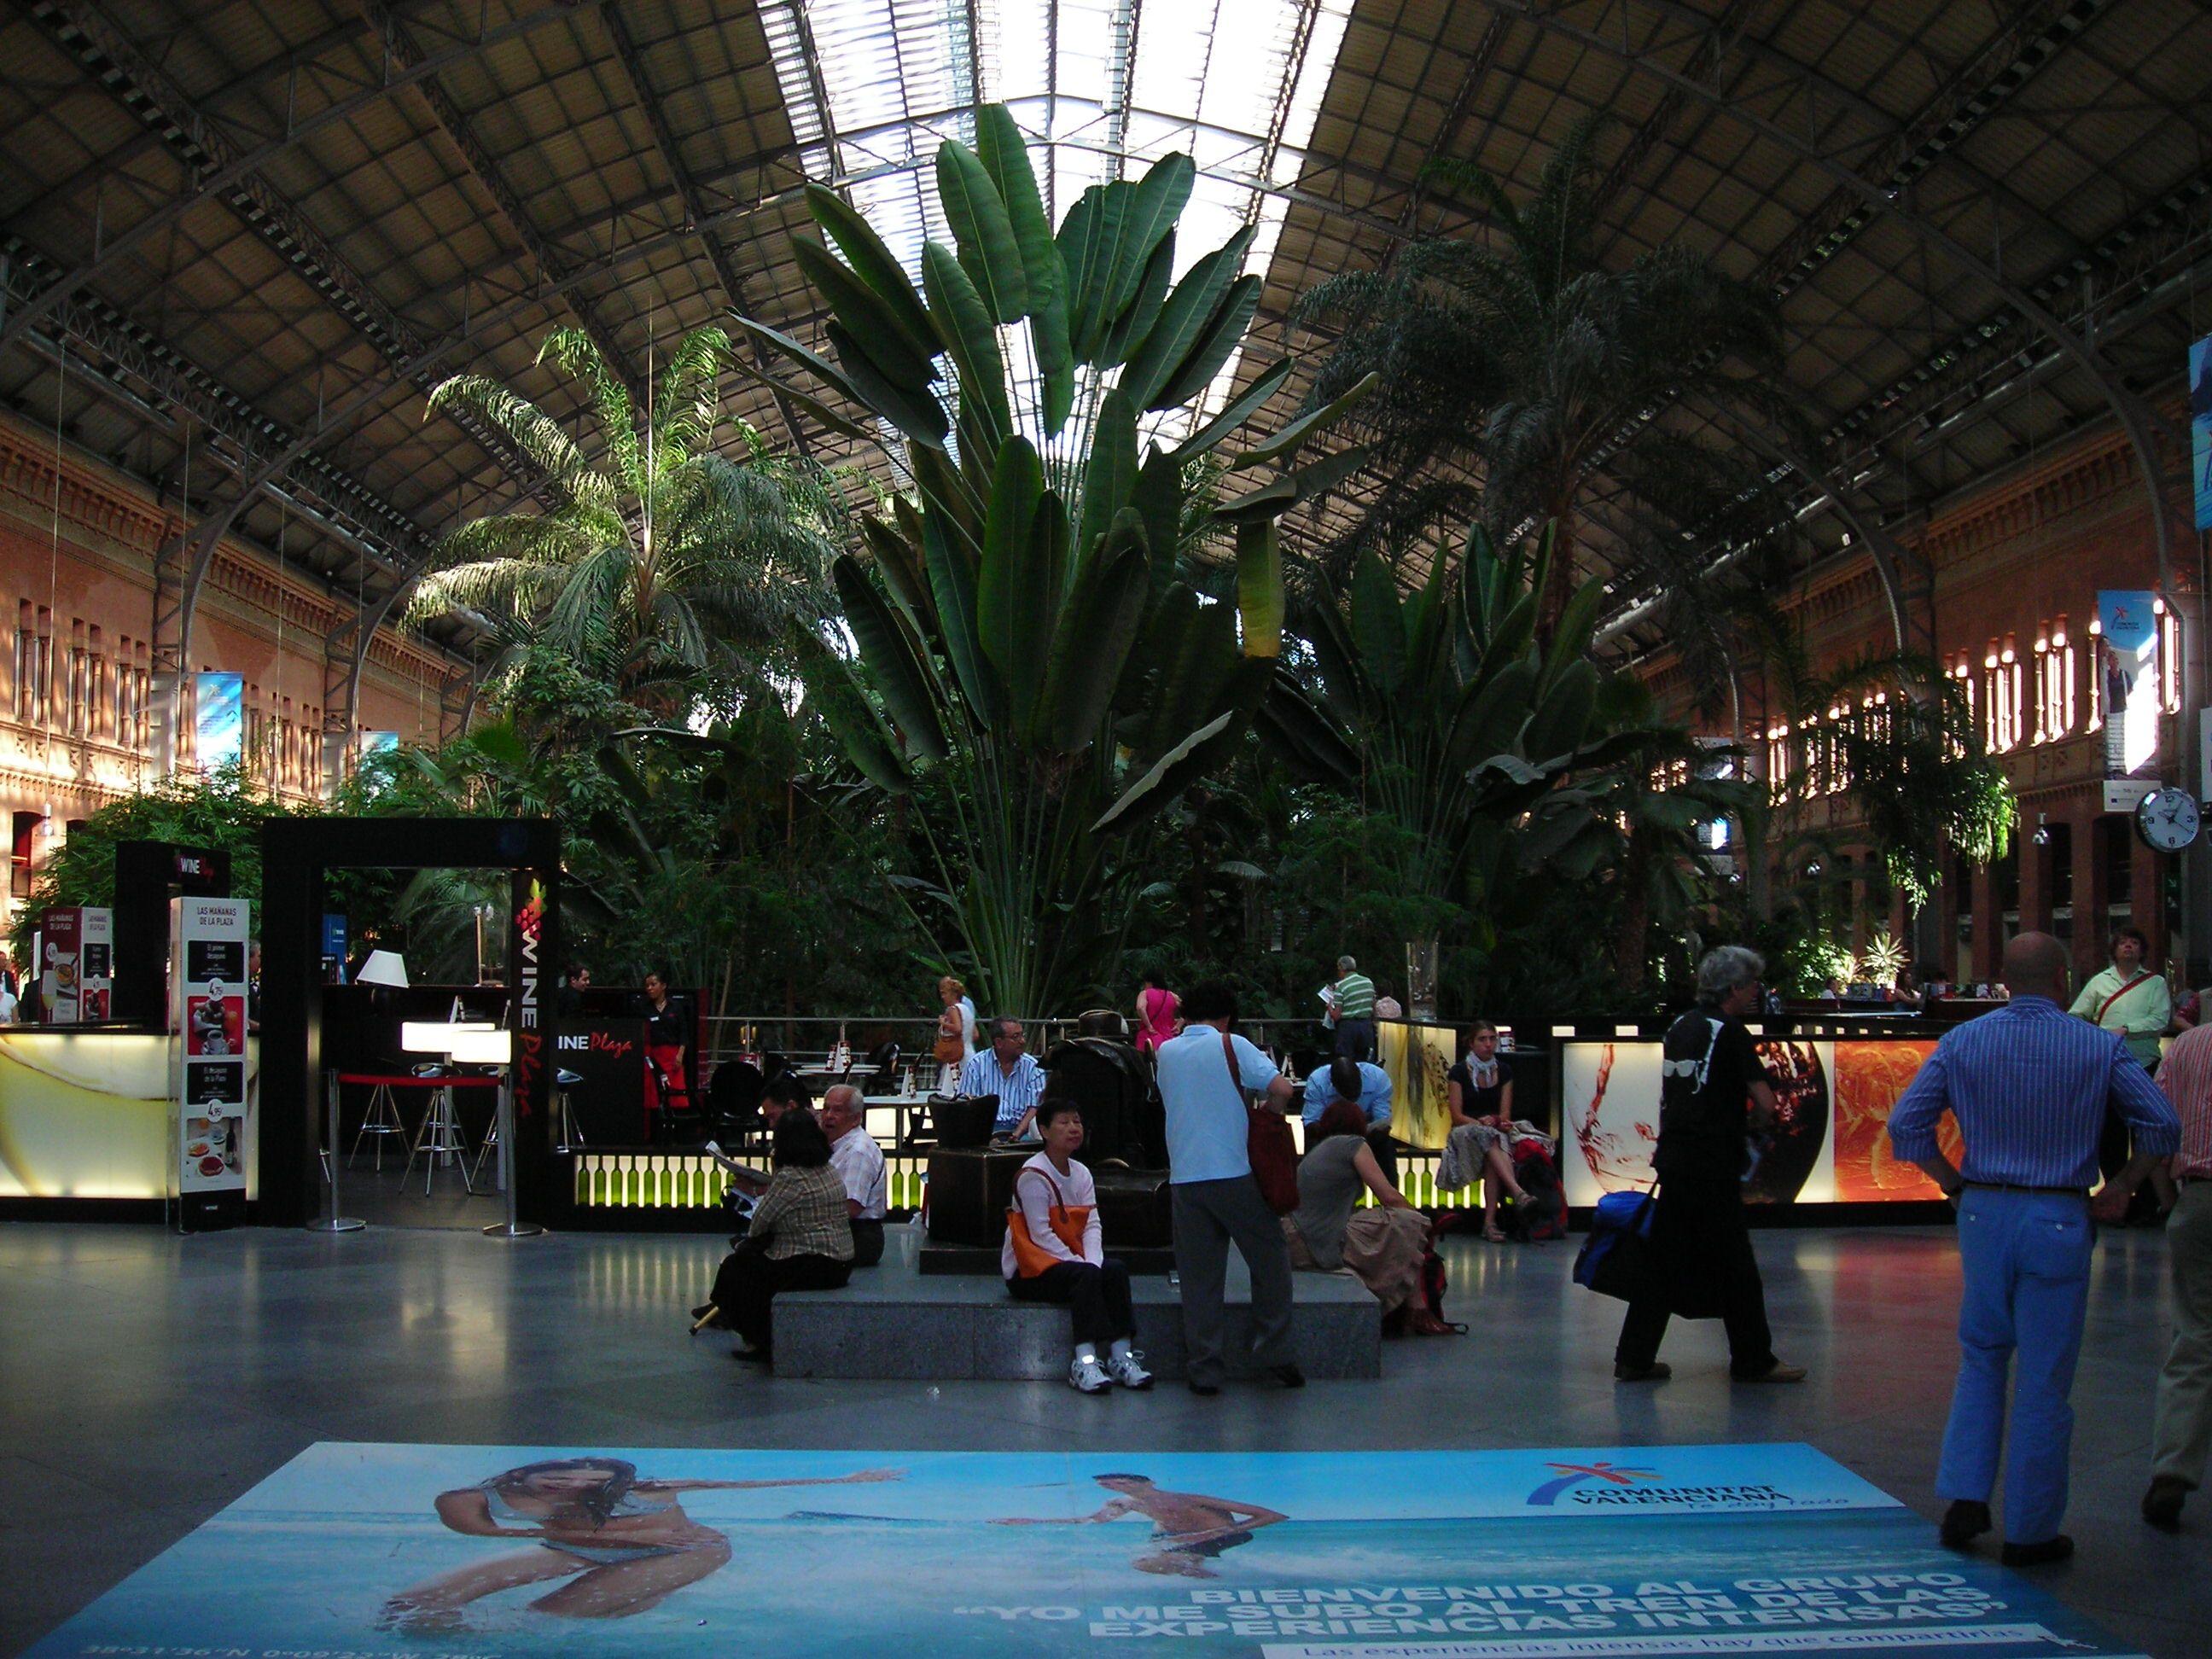 Madrid   Atocha pályaudvar régi csarnoka. Vonatok helyett ma pálmafákkal teli váróterem található itt